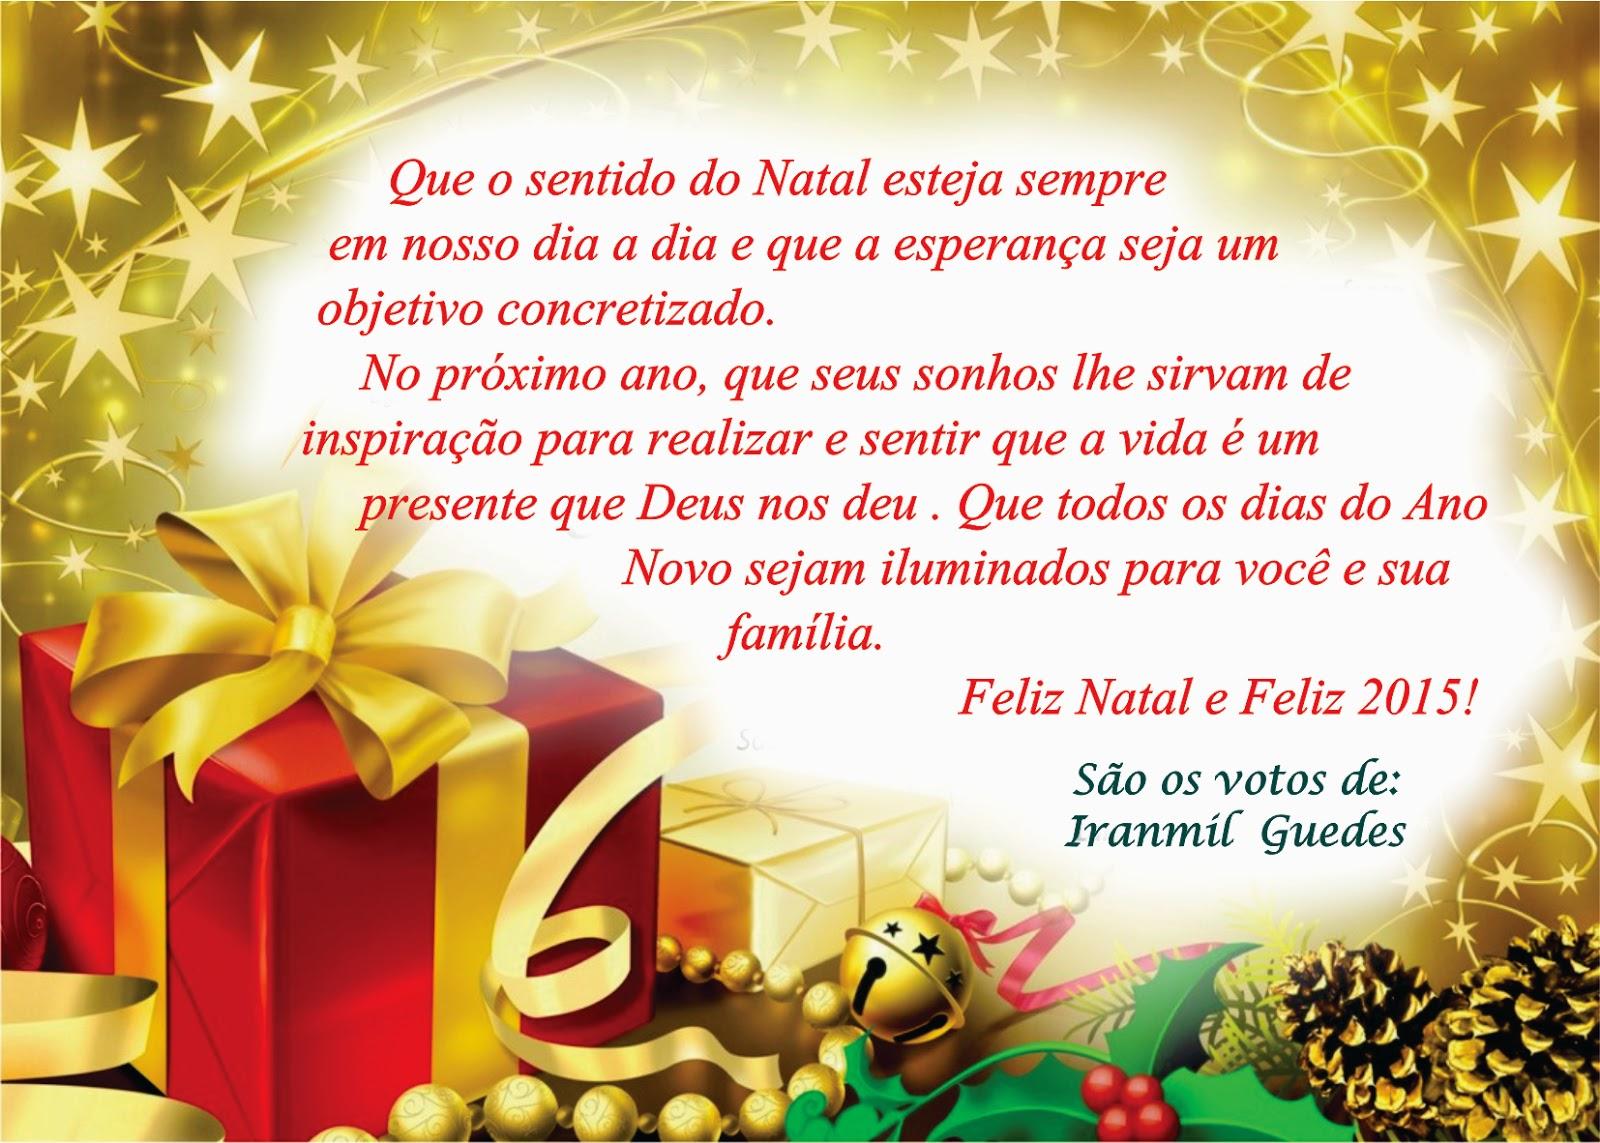 Técnico Da V Ursap Iranmil Guedes Envia Cartão De Feliz Natal E